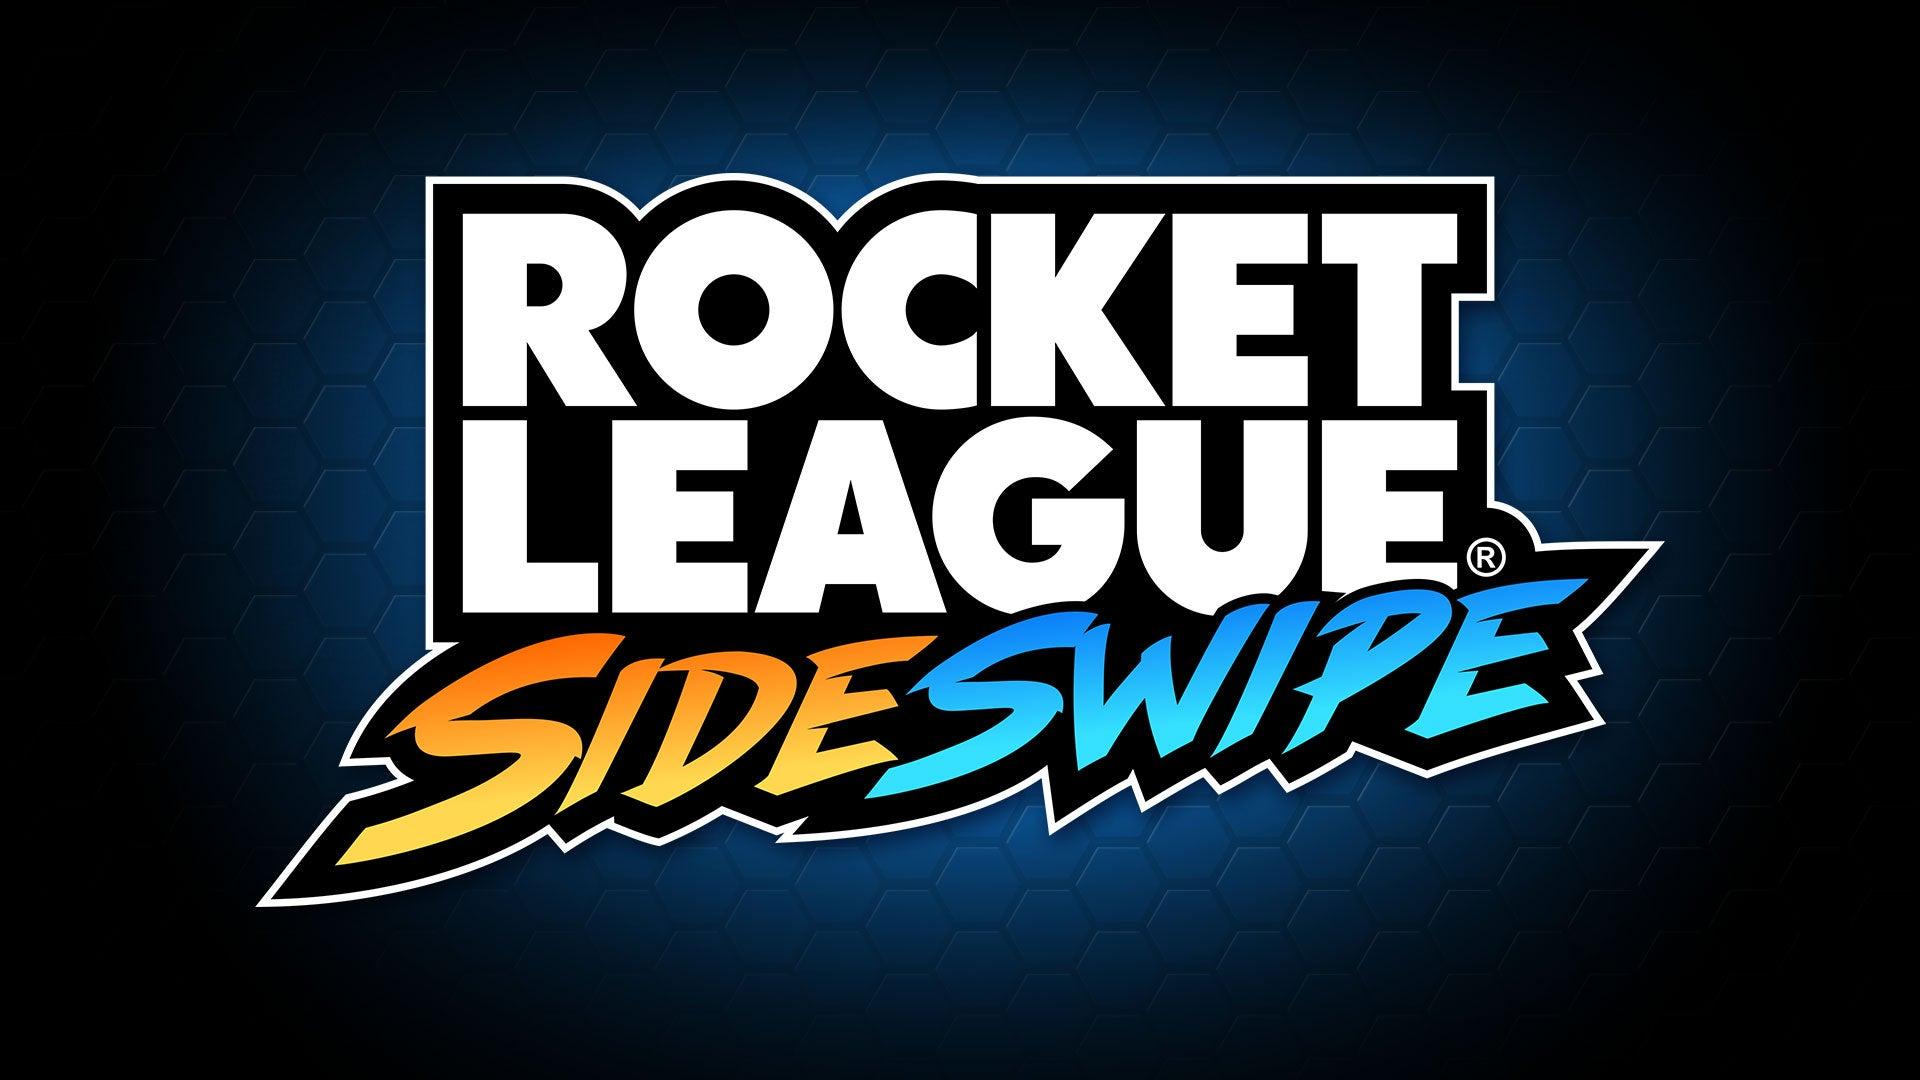 Rocket League Sideswipe Logo